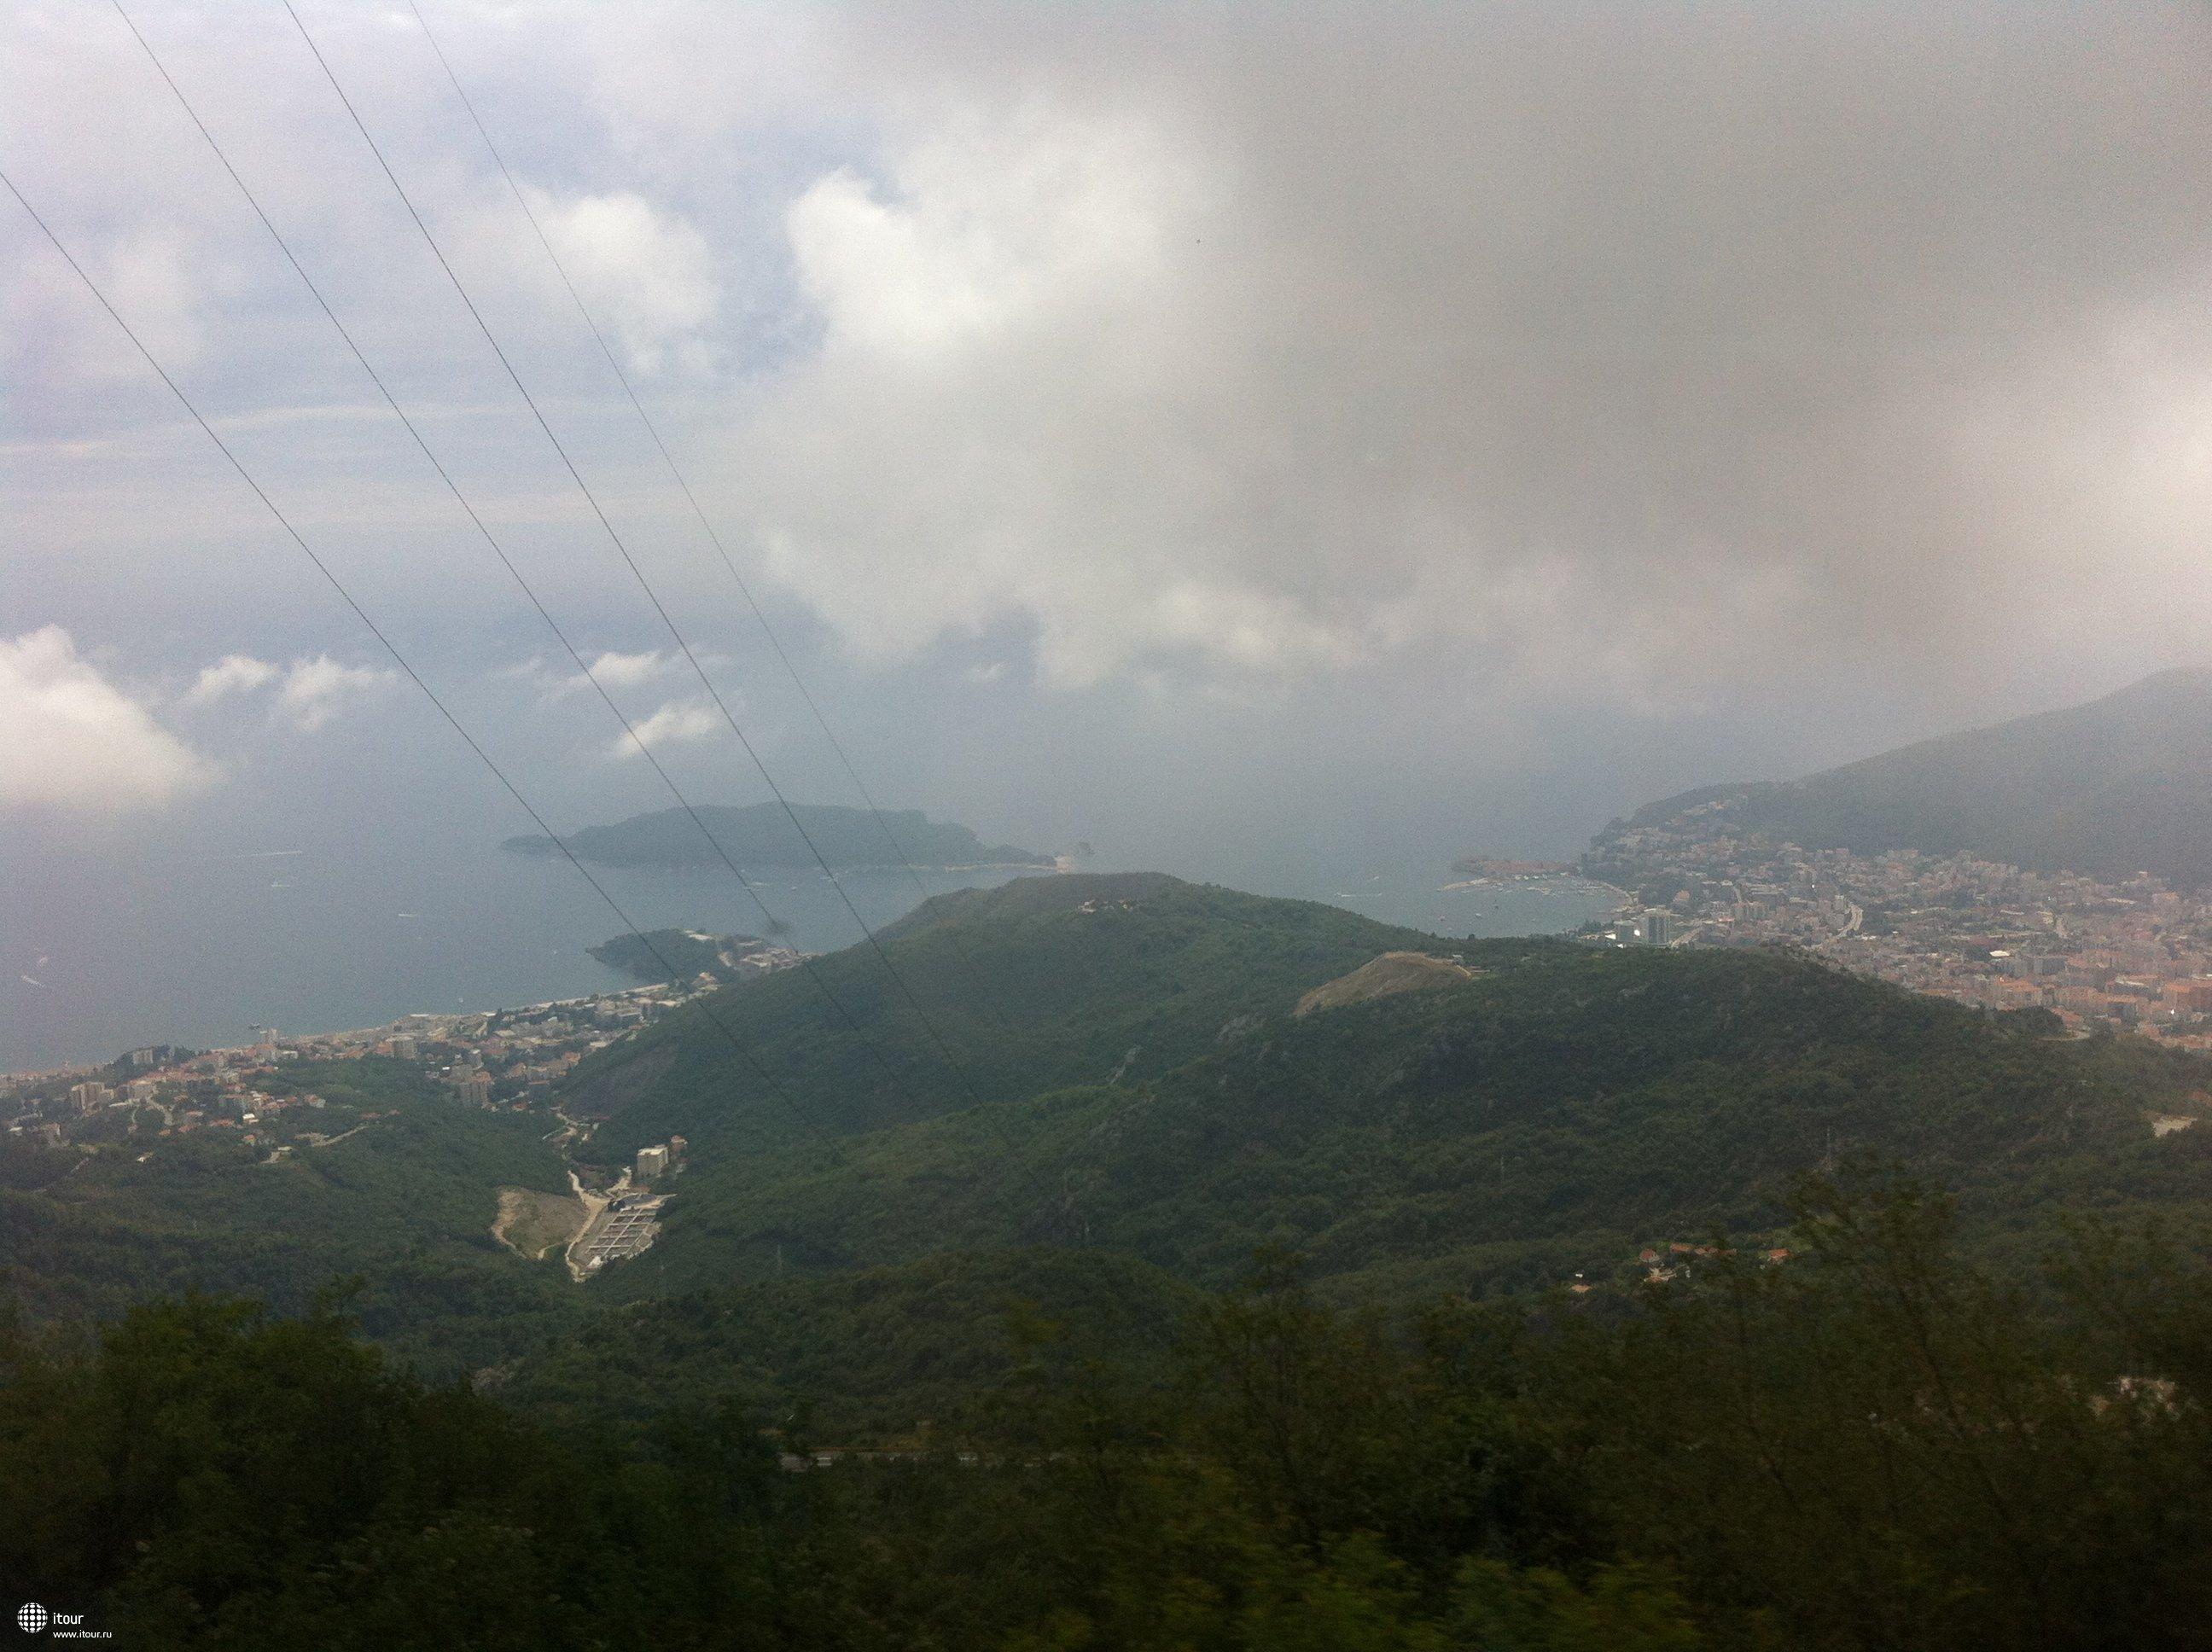 Едем по серпантину на Скадарское озеро. Вид на море: слева Бечичи, справа - Будва.